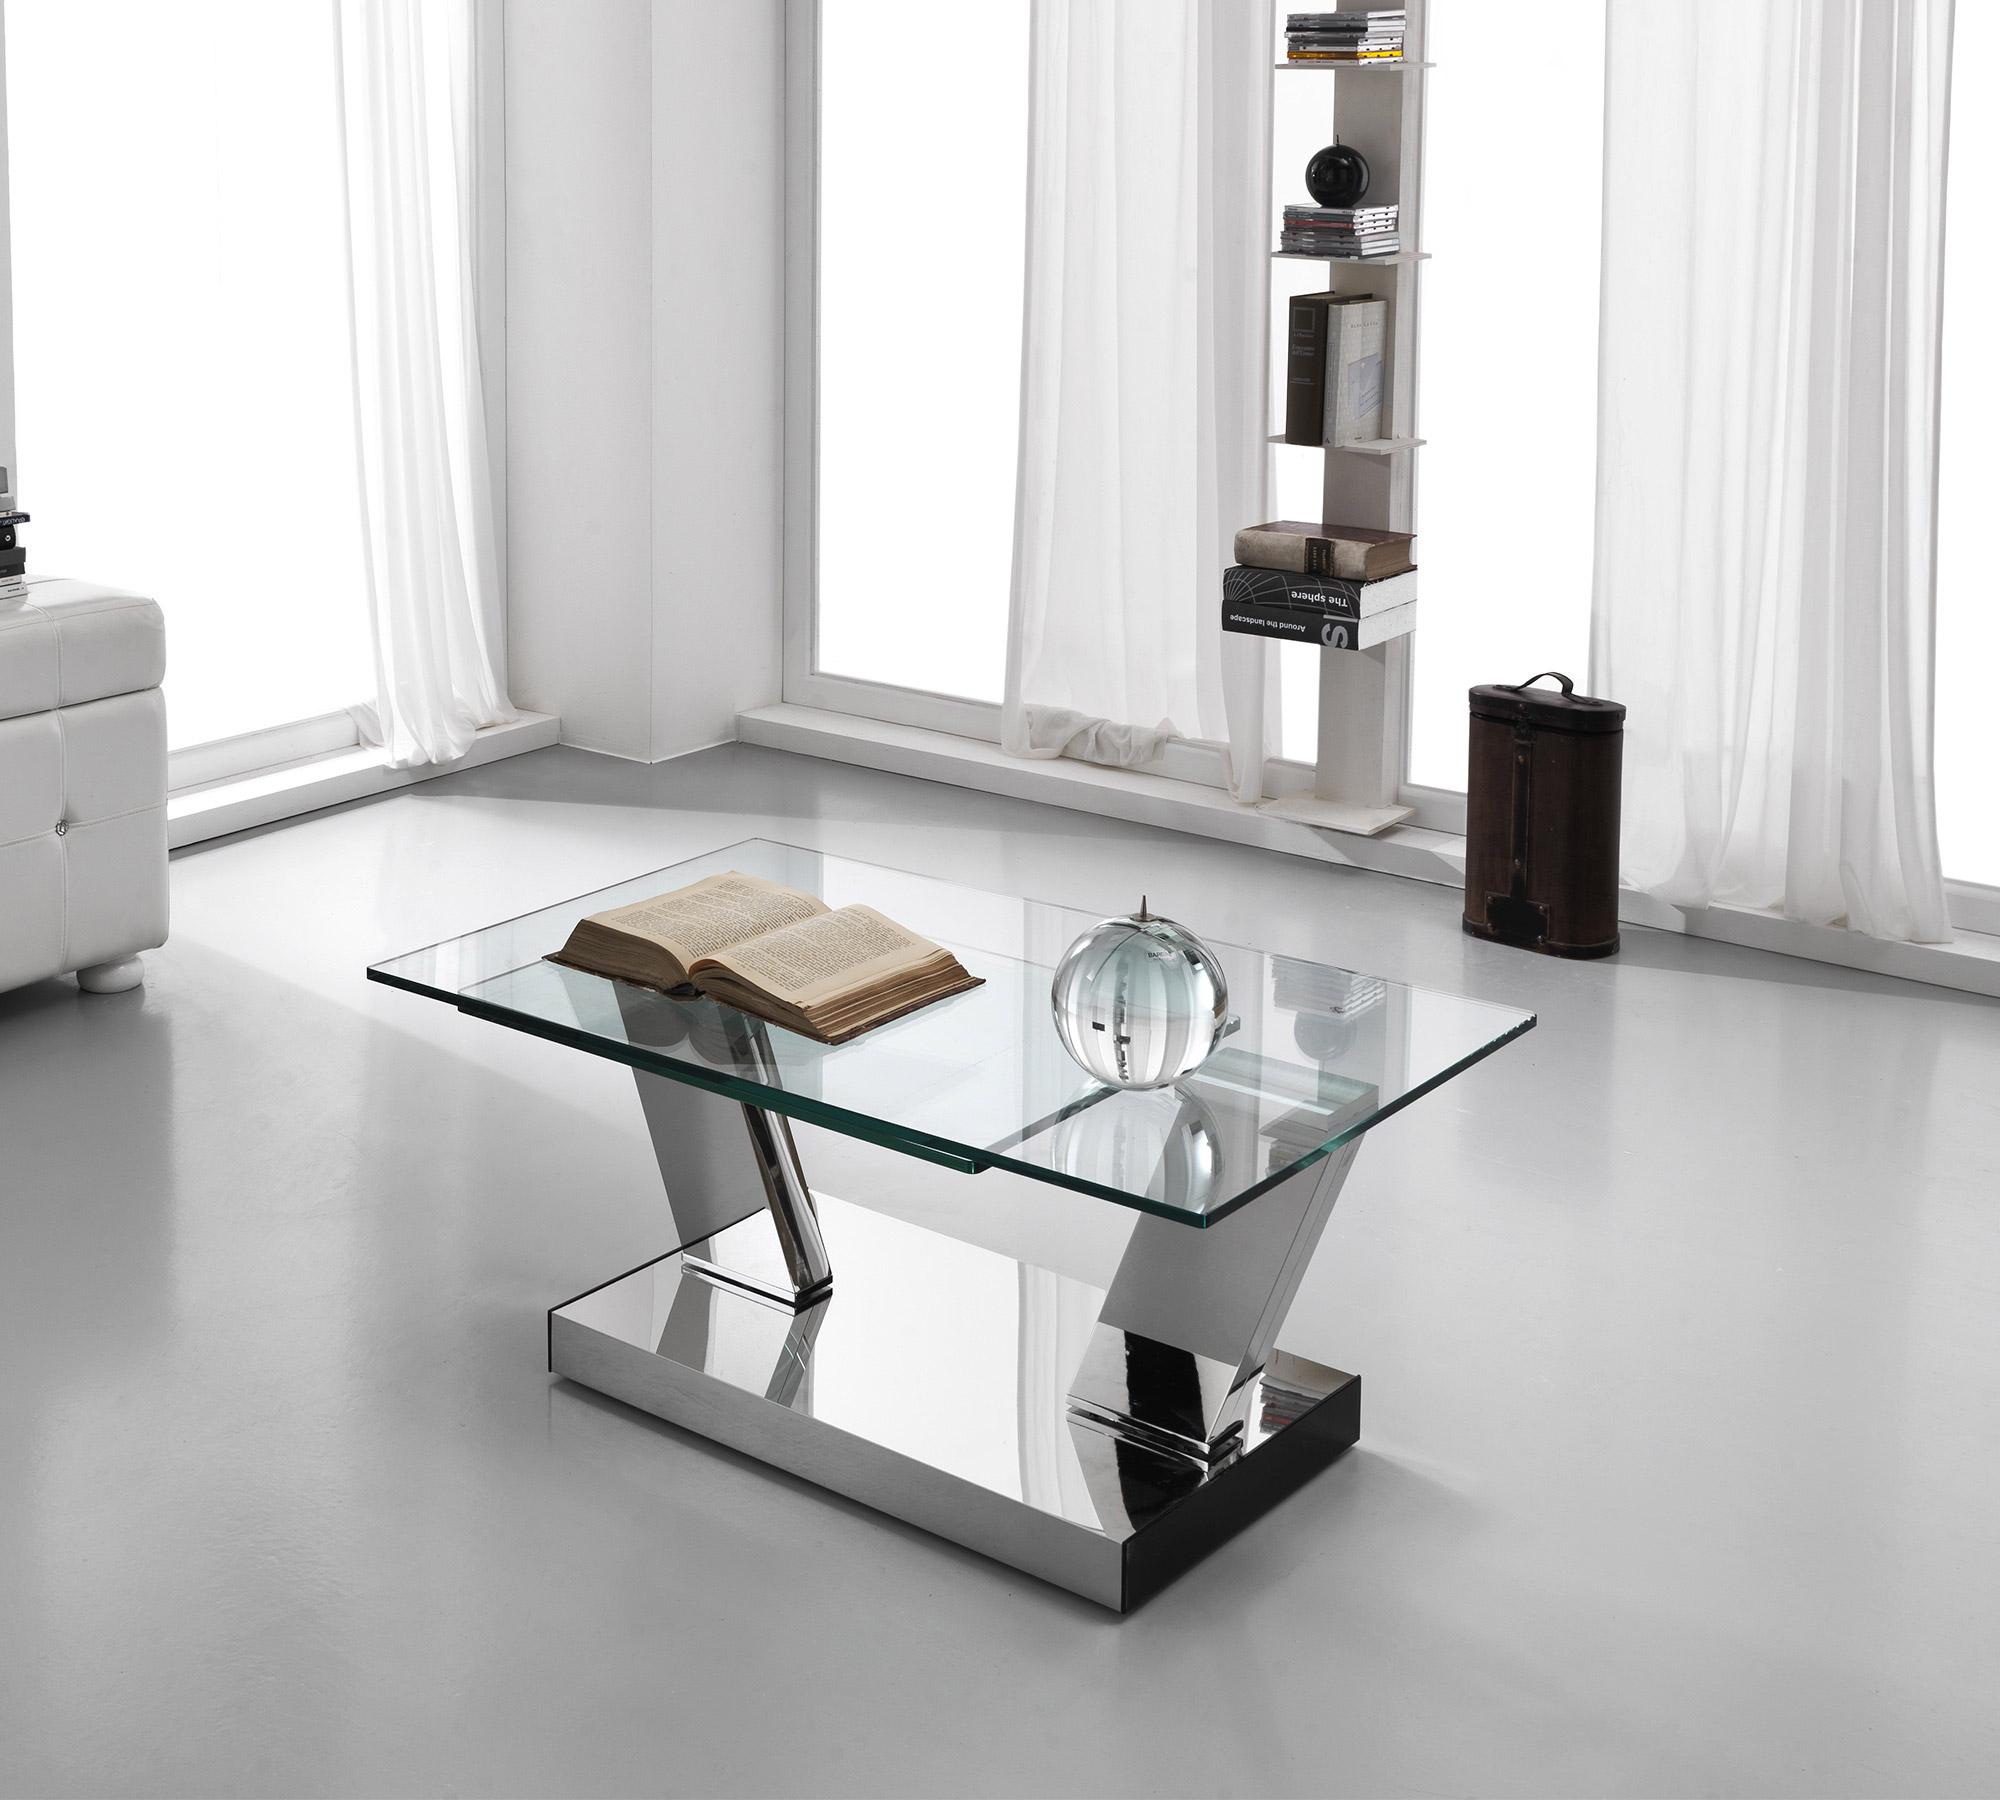 Tavolino Salotto Vetro E Acciaio.Tavolino Da Salotto Girevole Absolute 15